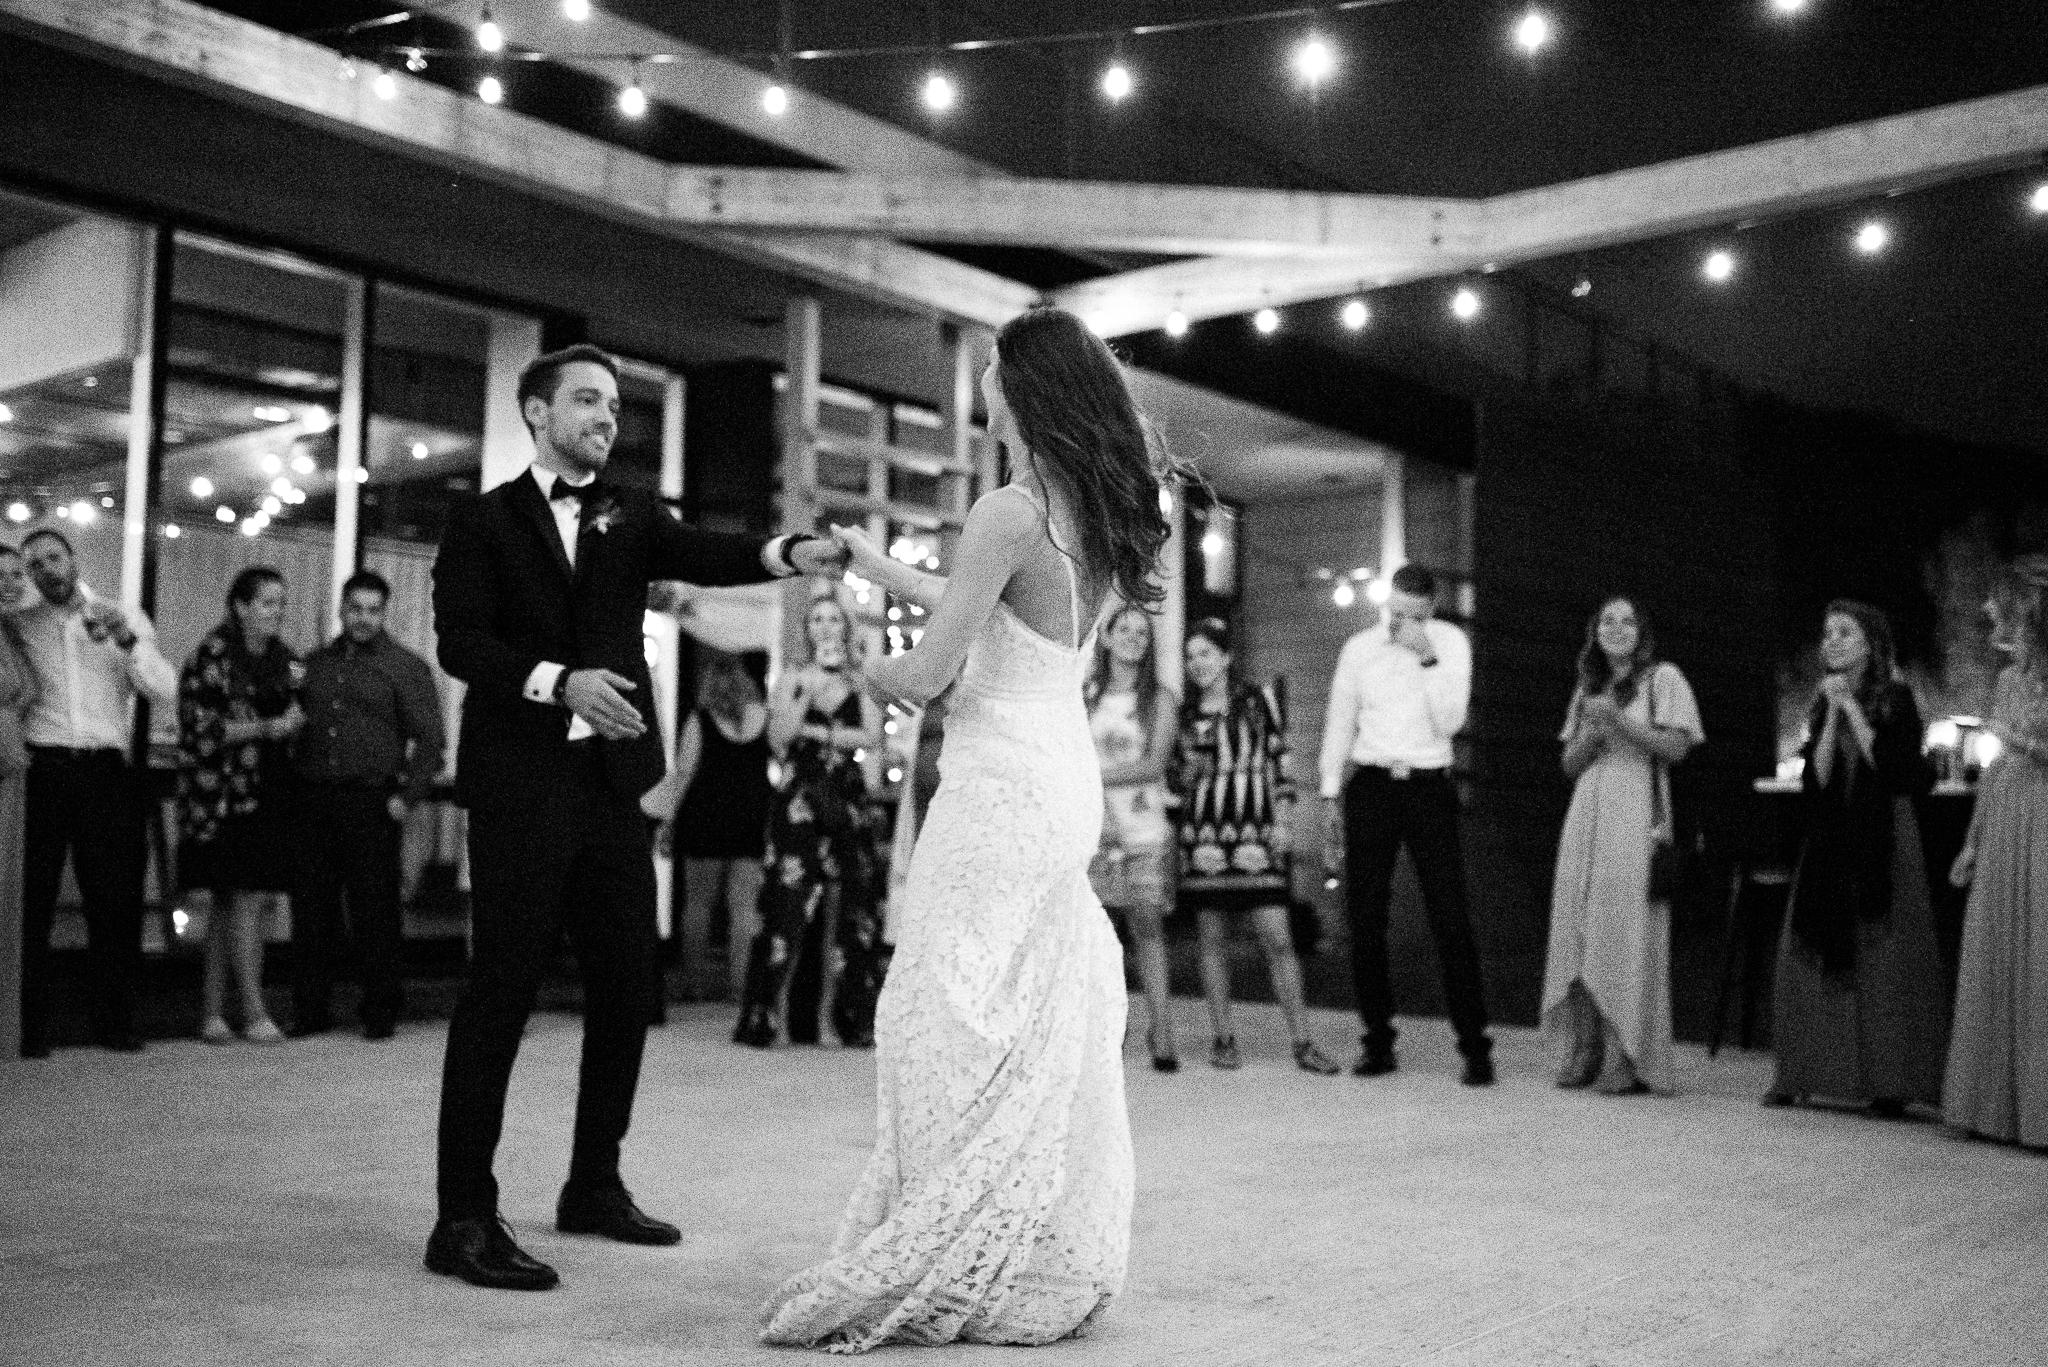 photo mariage quai du cap blanc quebec reception premiere danse inspiration toscane elisa photographe 3834 - MALYE + ANTHONY | Québec, Salle du Quai du Cap Blanc | Photographe de mariage | Elisa Photography